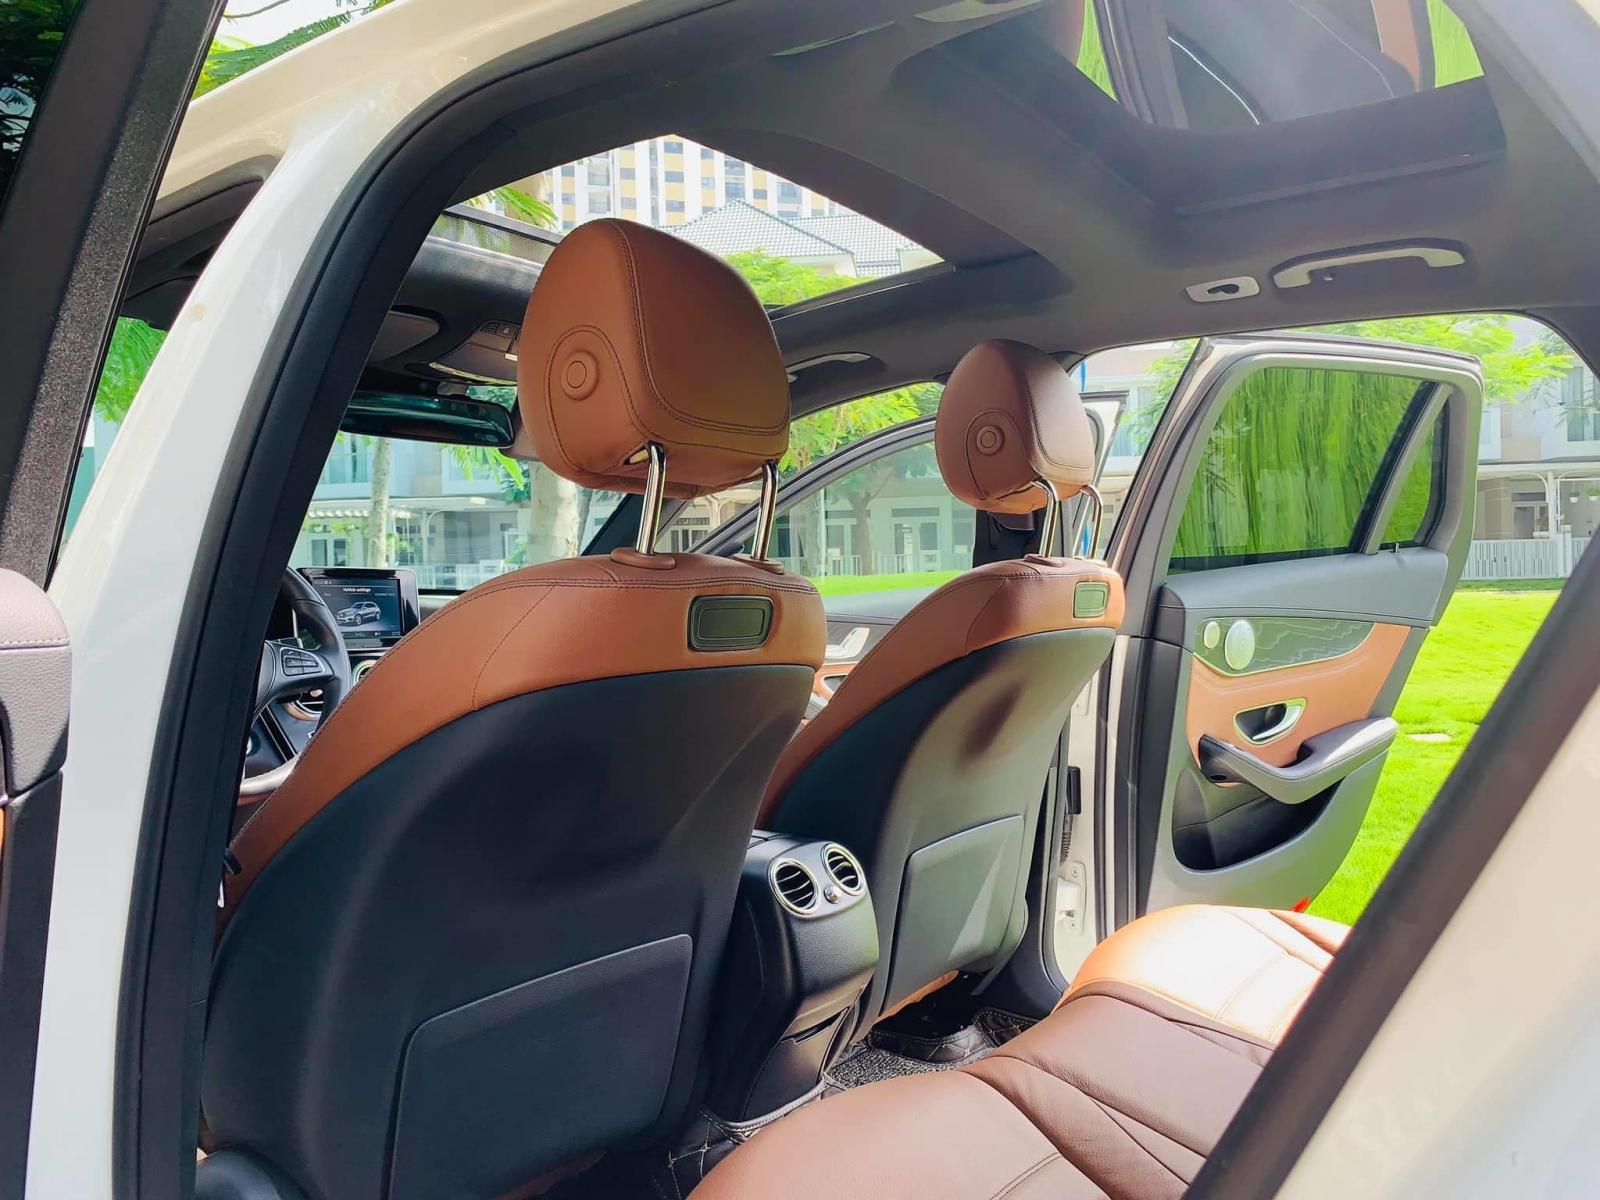 Bán xe Mercedes GLC300 trắng 2018 có Apple Carplay - trả trước 700 triệu nhận xe